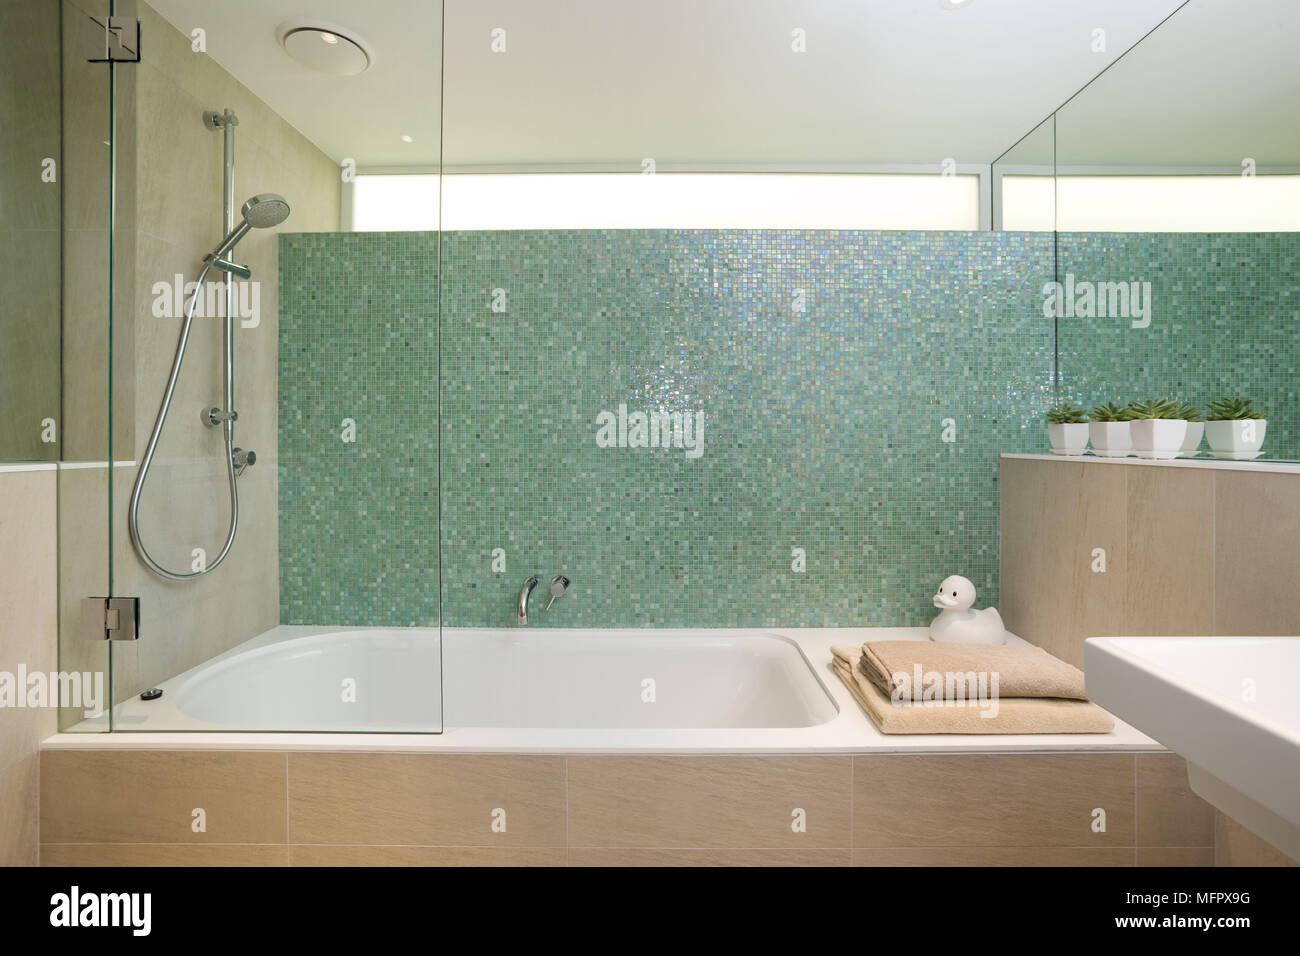 Sala Da Bagno Moderna : La doccia sopra la vasca da bagno in una moderna stanza da bagno